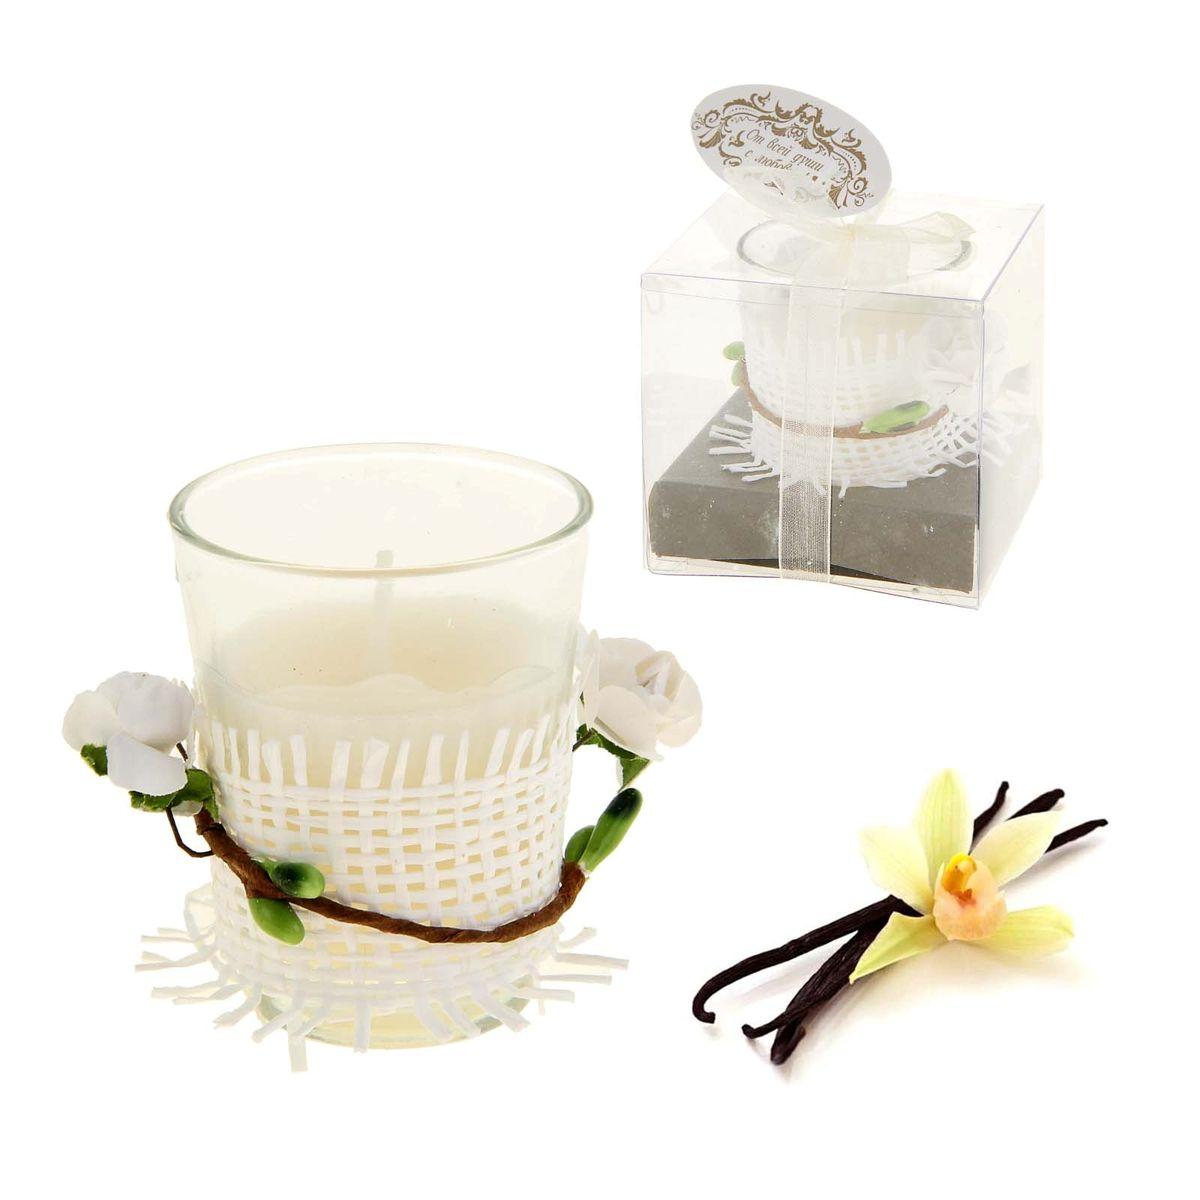 Свеча ароматизированная Sima-land Влечение. Ваниль, высота 6 см896687Ароматизированная свеча в стеклянном стакане Sima-land Влечение. Ваниль выполнена из высококачественного цветного воска. Стакан украшен декоративными бумажными цветами.Изделие отличается оригинальным дизайном и приятным ароматом ванили.Такая свеча может стать отличным подарком или дополнить интерьер вашей комнаты.